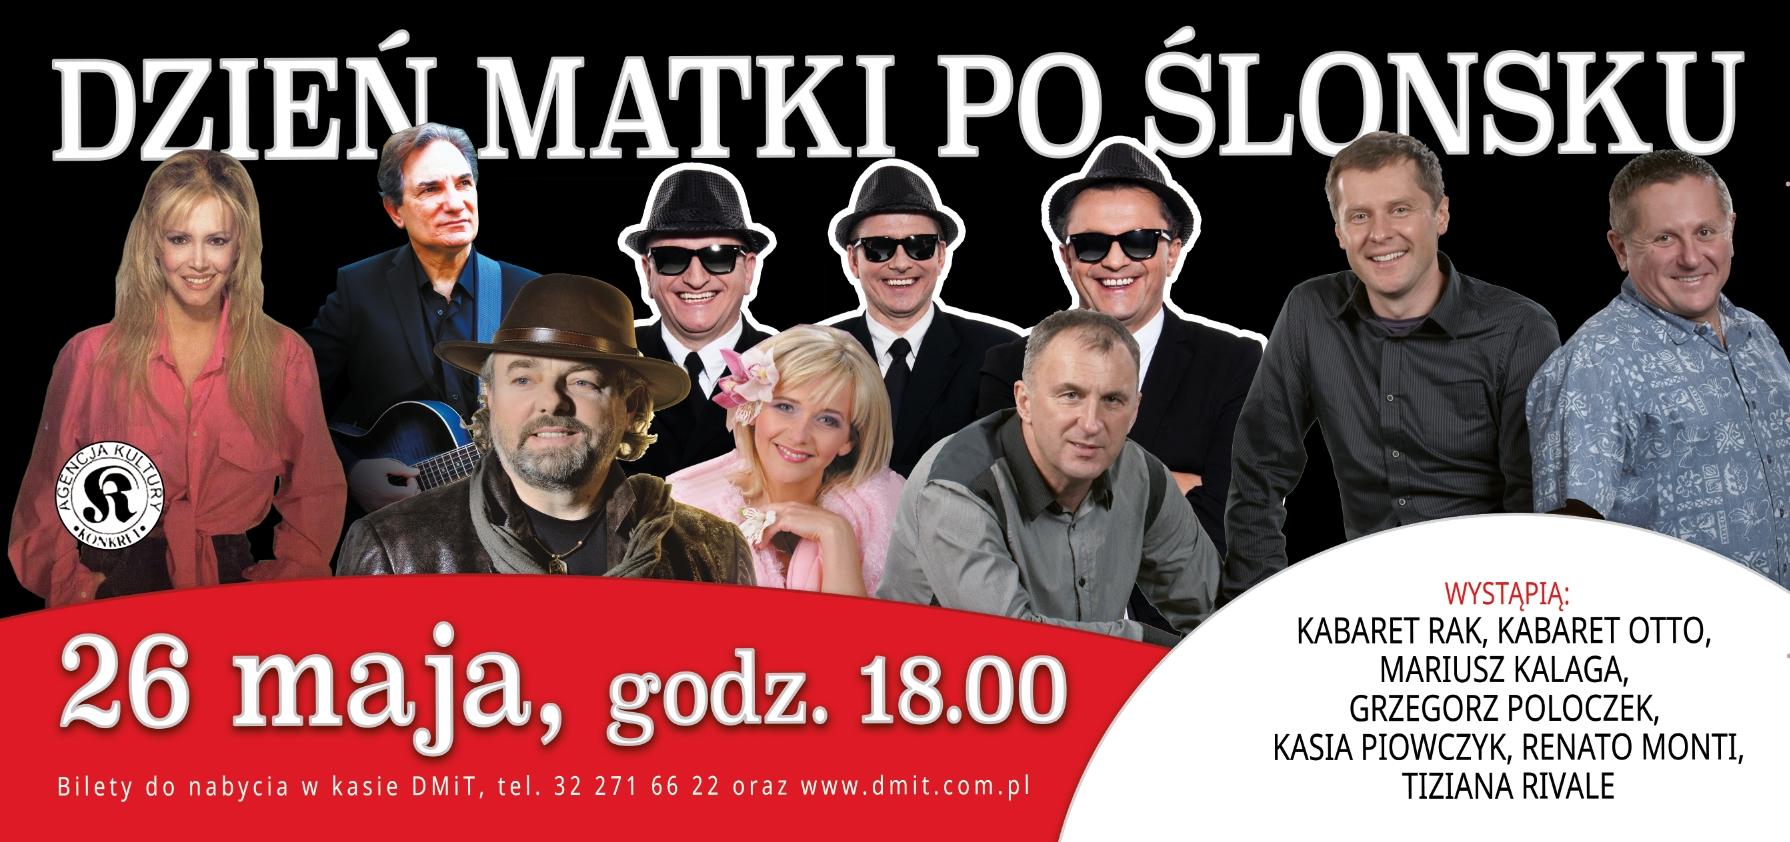 http://www.dmit.com.pl/files/dmit/dzienmatki2k18.jpg